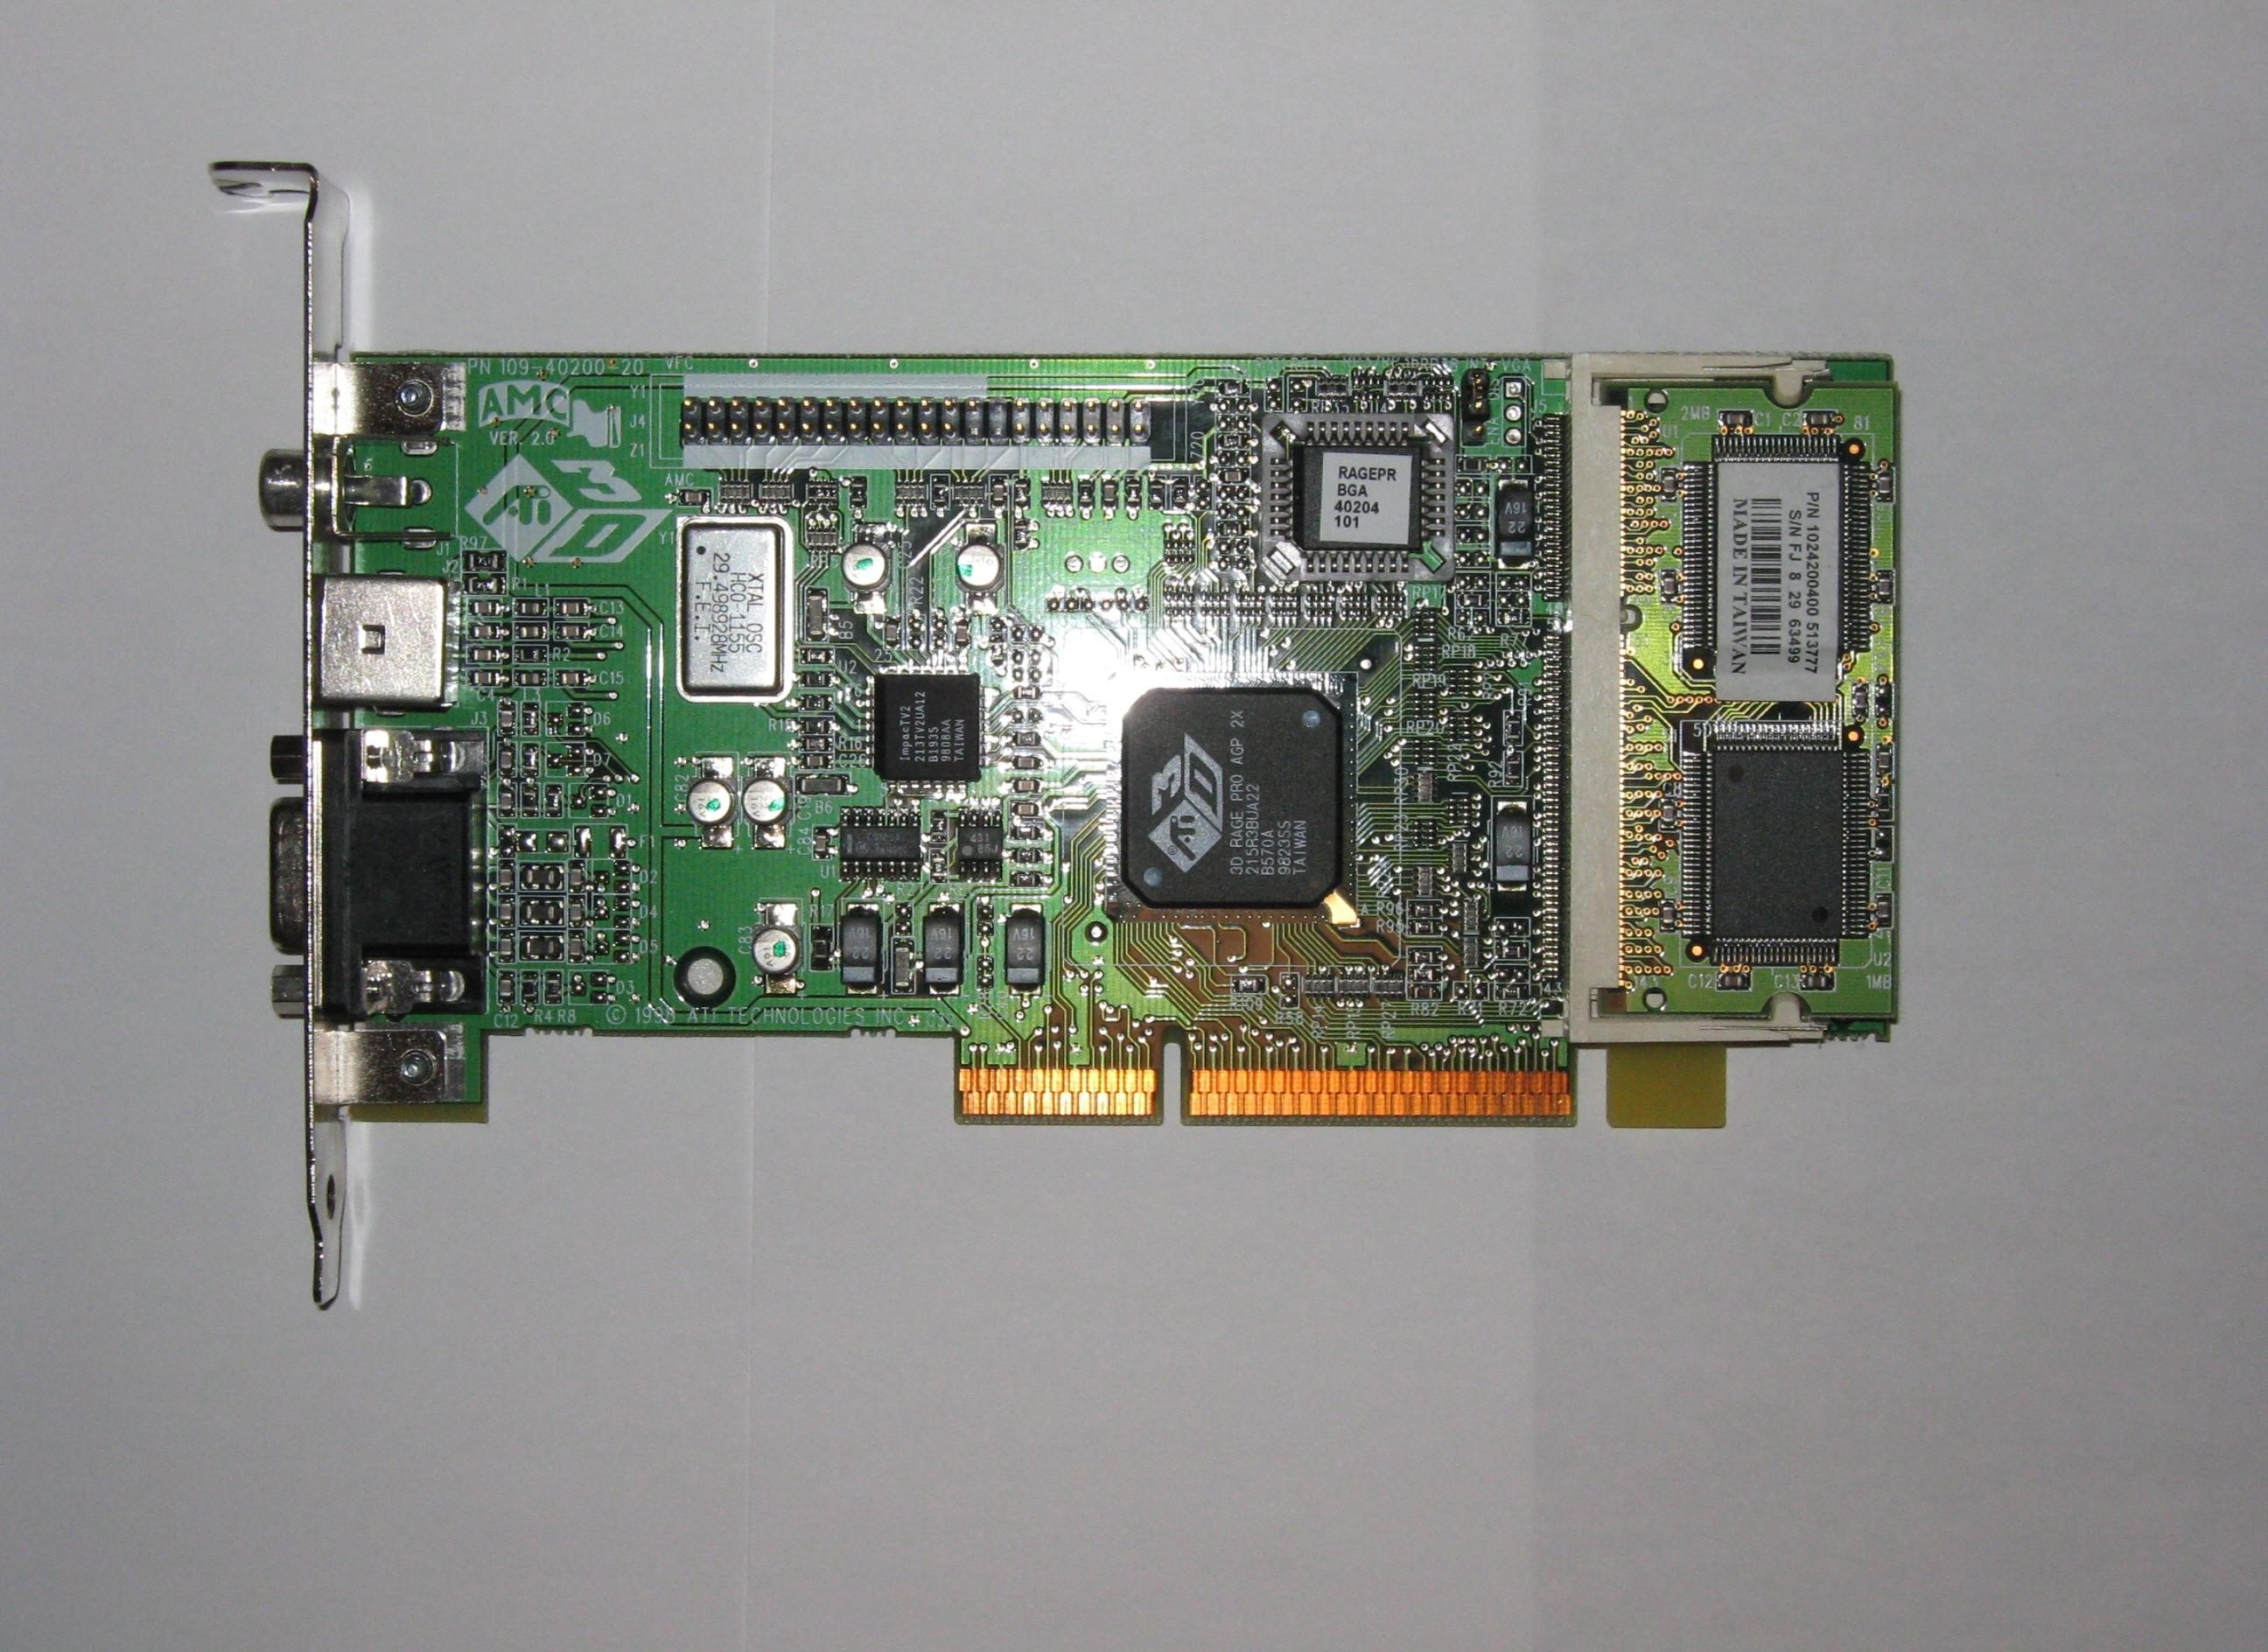 скачать драйвера для видеокарты trident microsystems cyberblade/i1